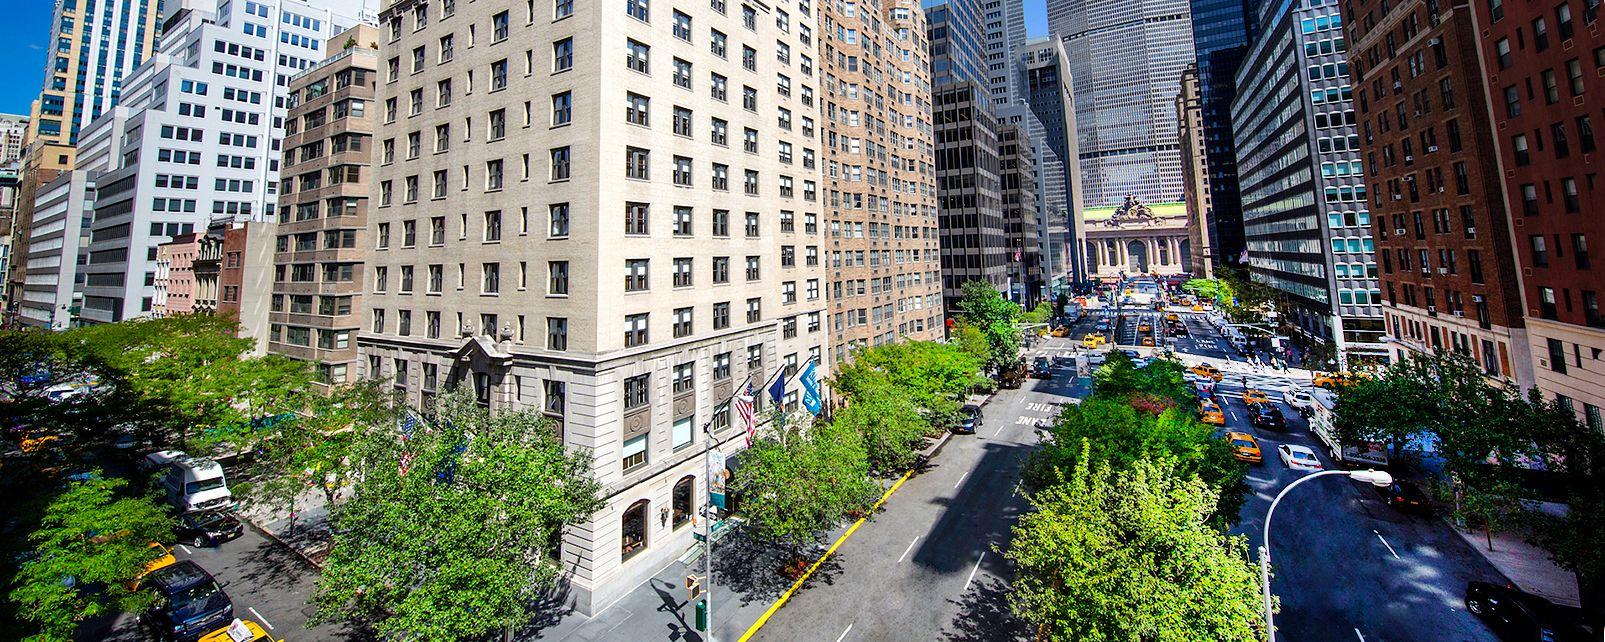 Hôtel 70 Park Avenue